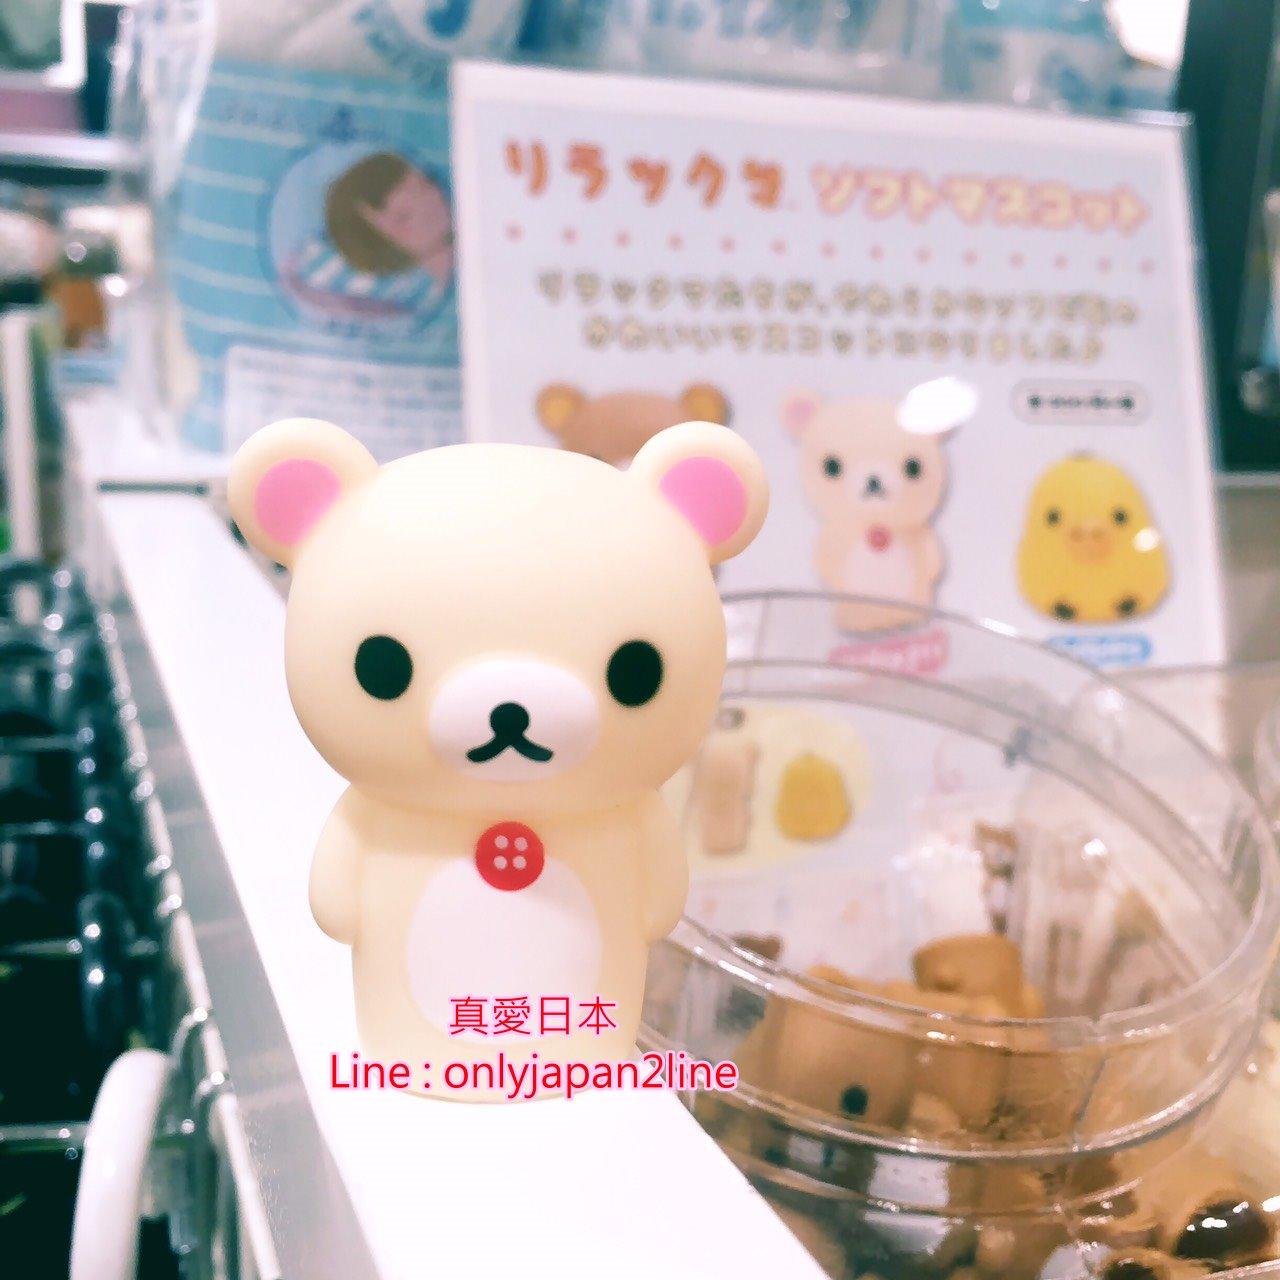 【真愛日本】 16091400023 日本製專賣店限定指套娃娃-奶熊    SAN-X 懶熊  奶熊 拉拉熊 公仔 擺飾 收藏品 日本